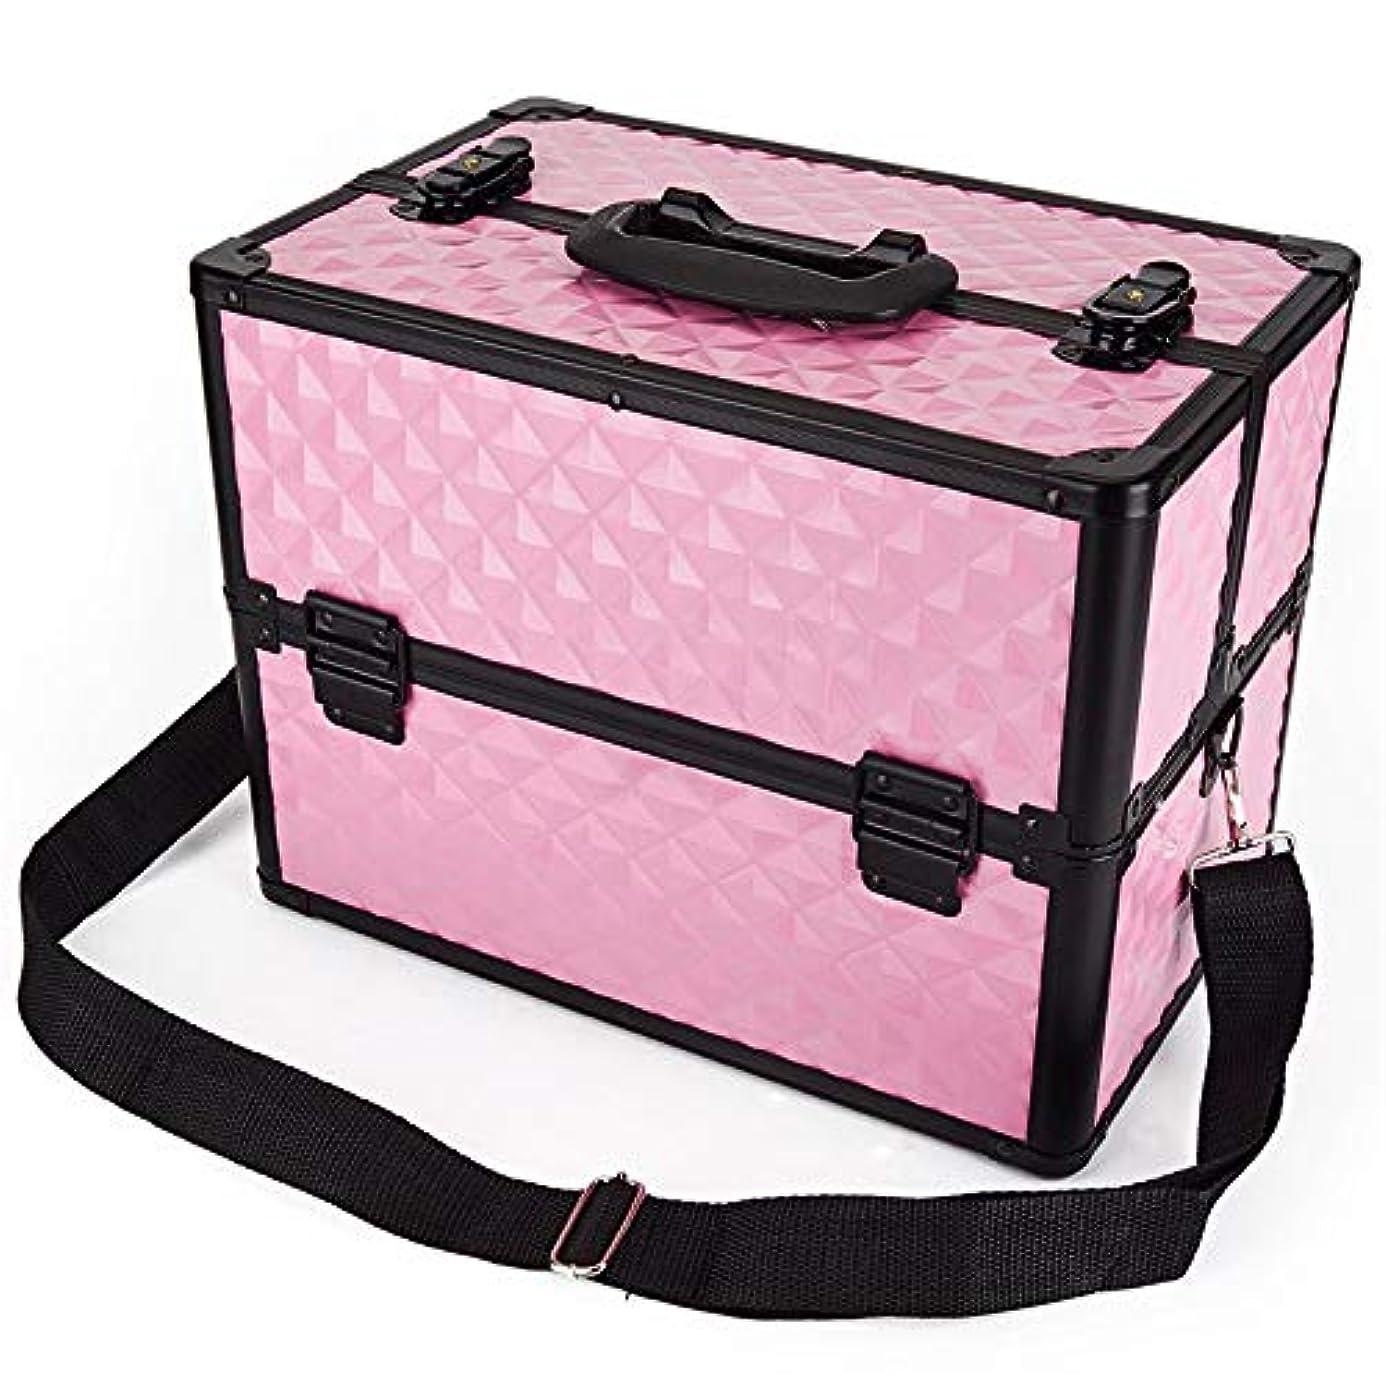 急行する業界植生化粧オーガナイザーバッグ 多機能ポータブルプロの旅行メイクアップバッグパターンメイクアップアーティストケーストレインボックス化粧品オーガナイザー収納用十代の女の子女性アーティスト 化粧品ケース (色 : ピンク)